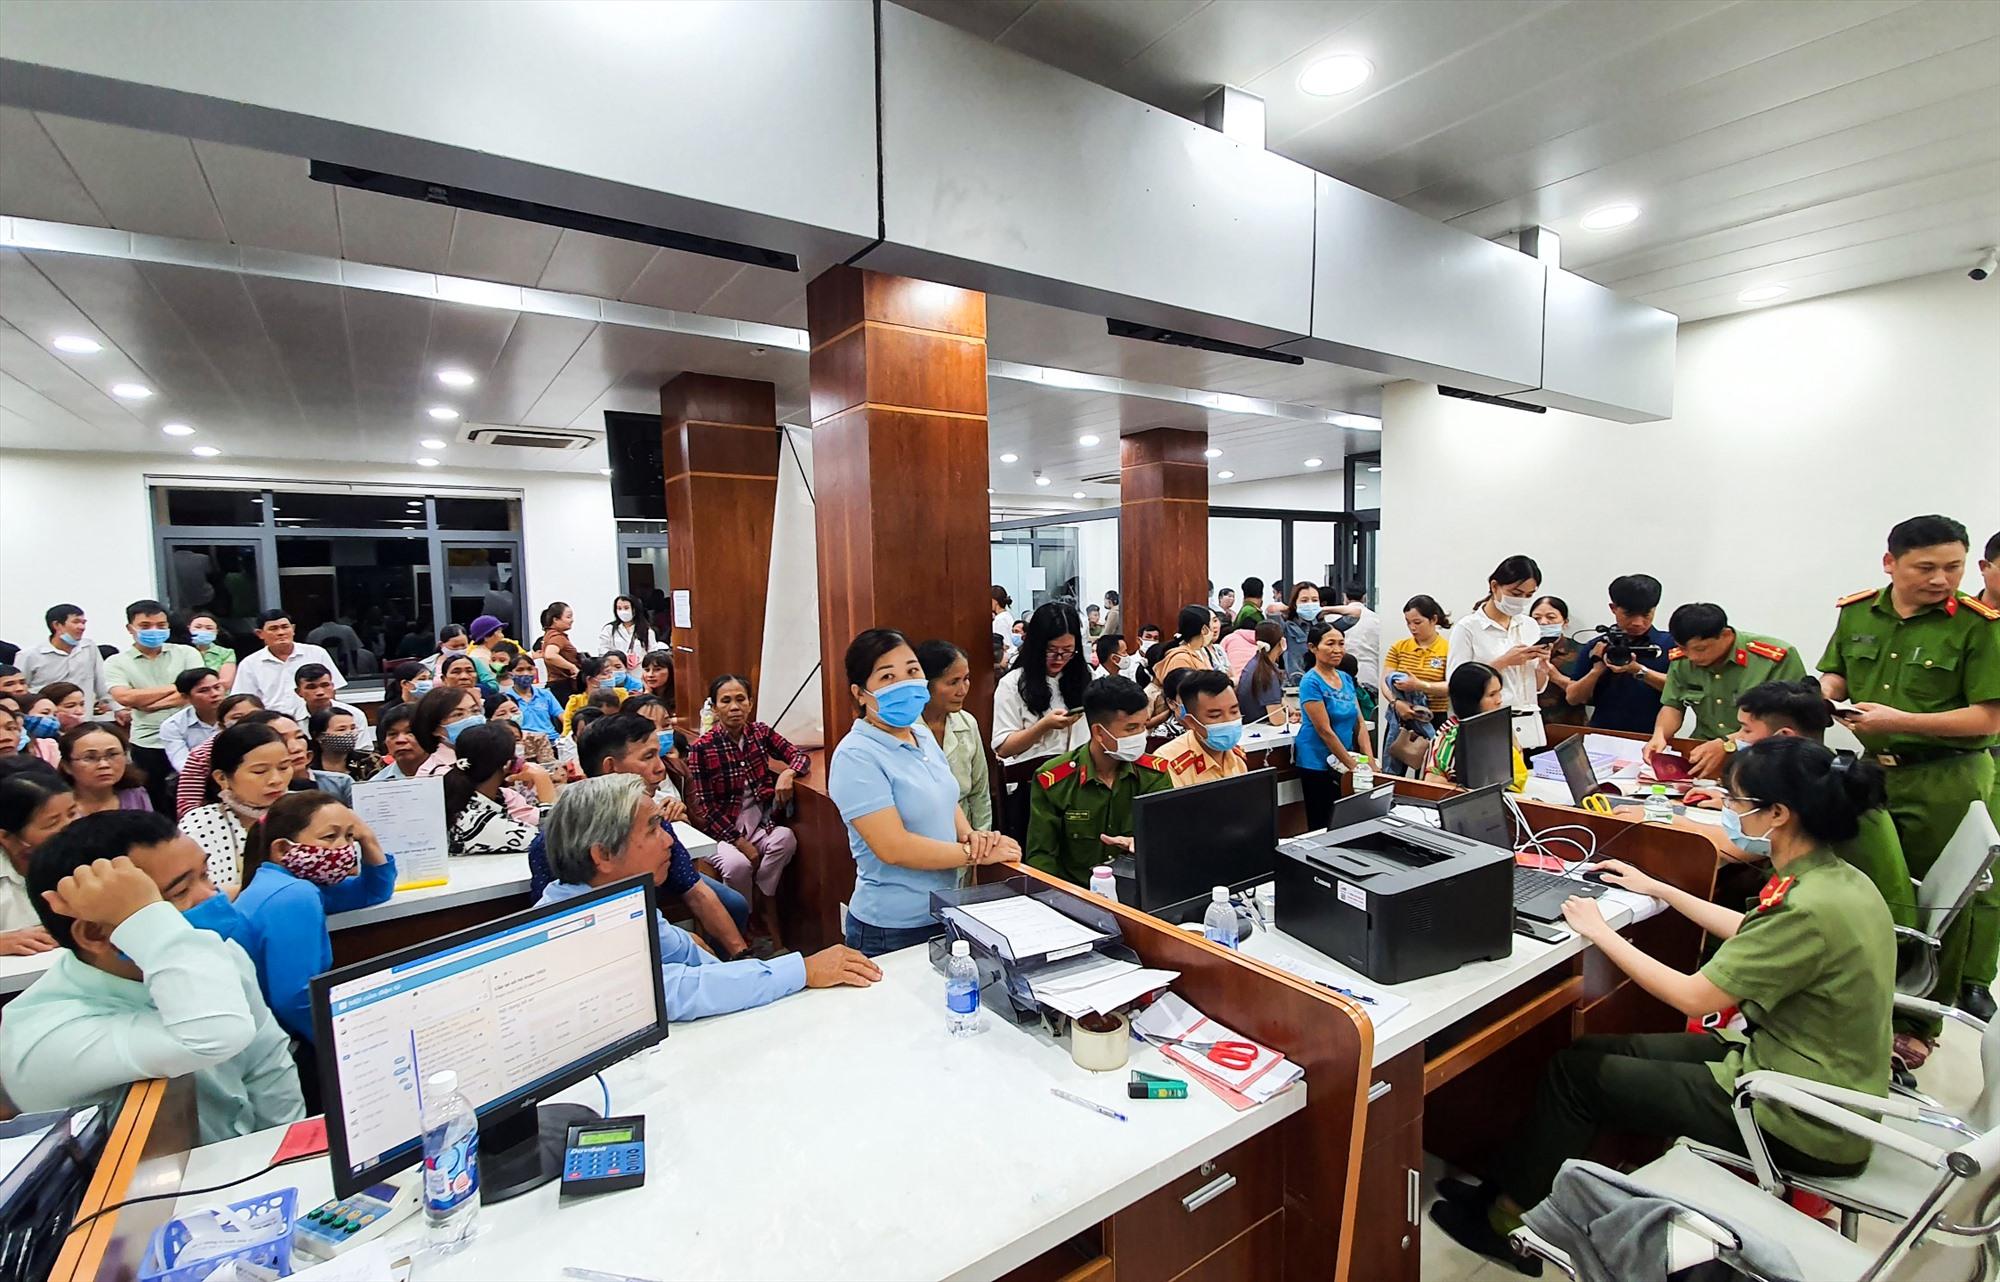 Gần 9 giờ đêm vẫn còn rất đông người đến trụ sở Trung tâm hành chính công TP.Tam Kỳ để làm thủ tục cấp CCCD.